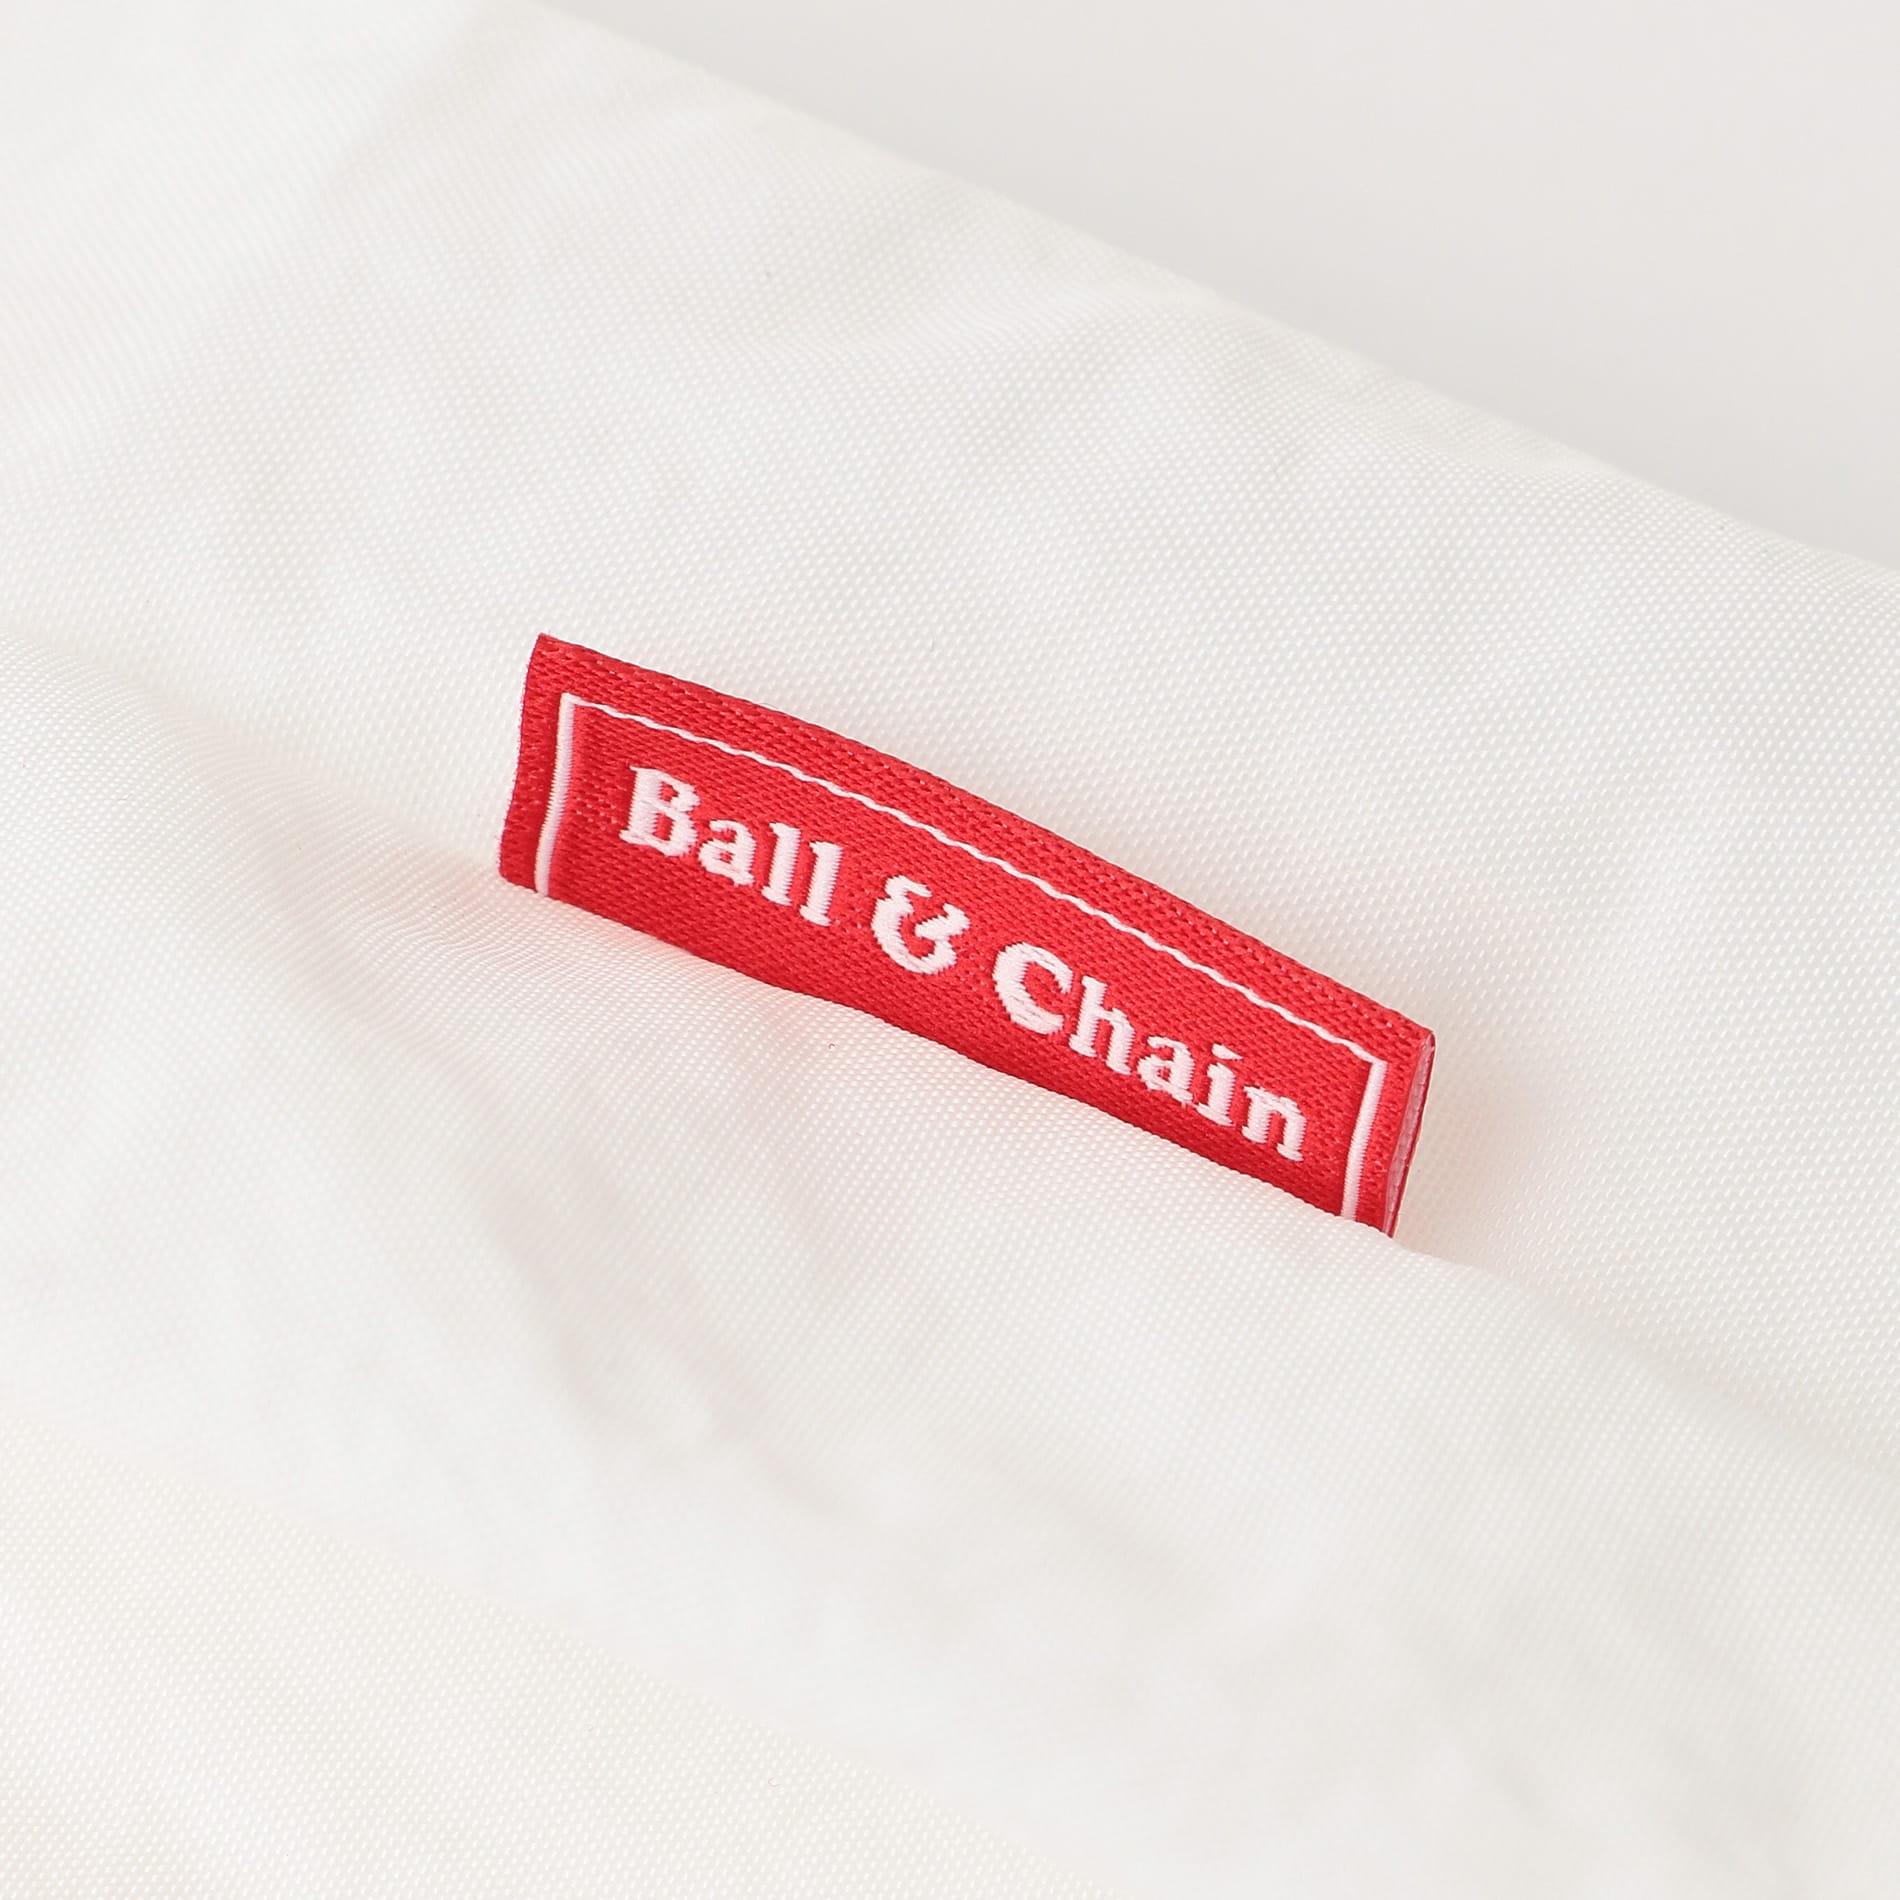 【Ball&Chain】トートバッグ レインボー 200100204 200100203